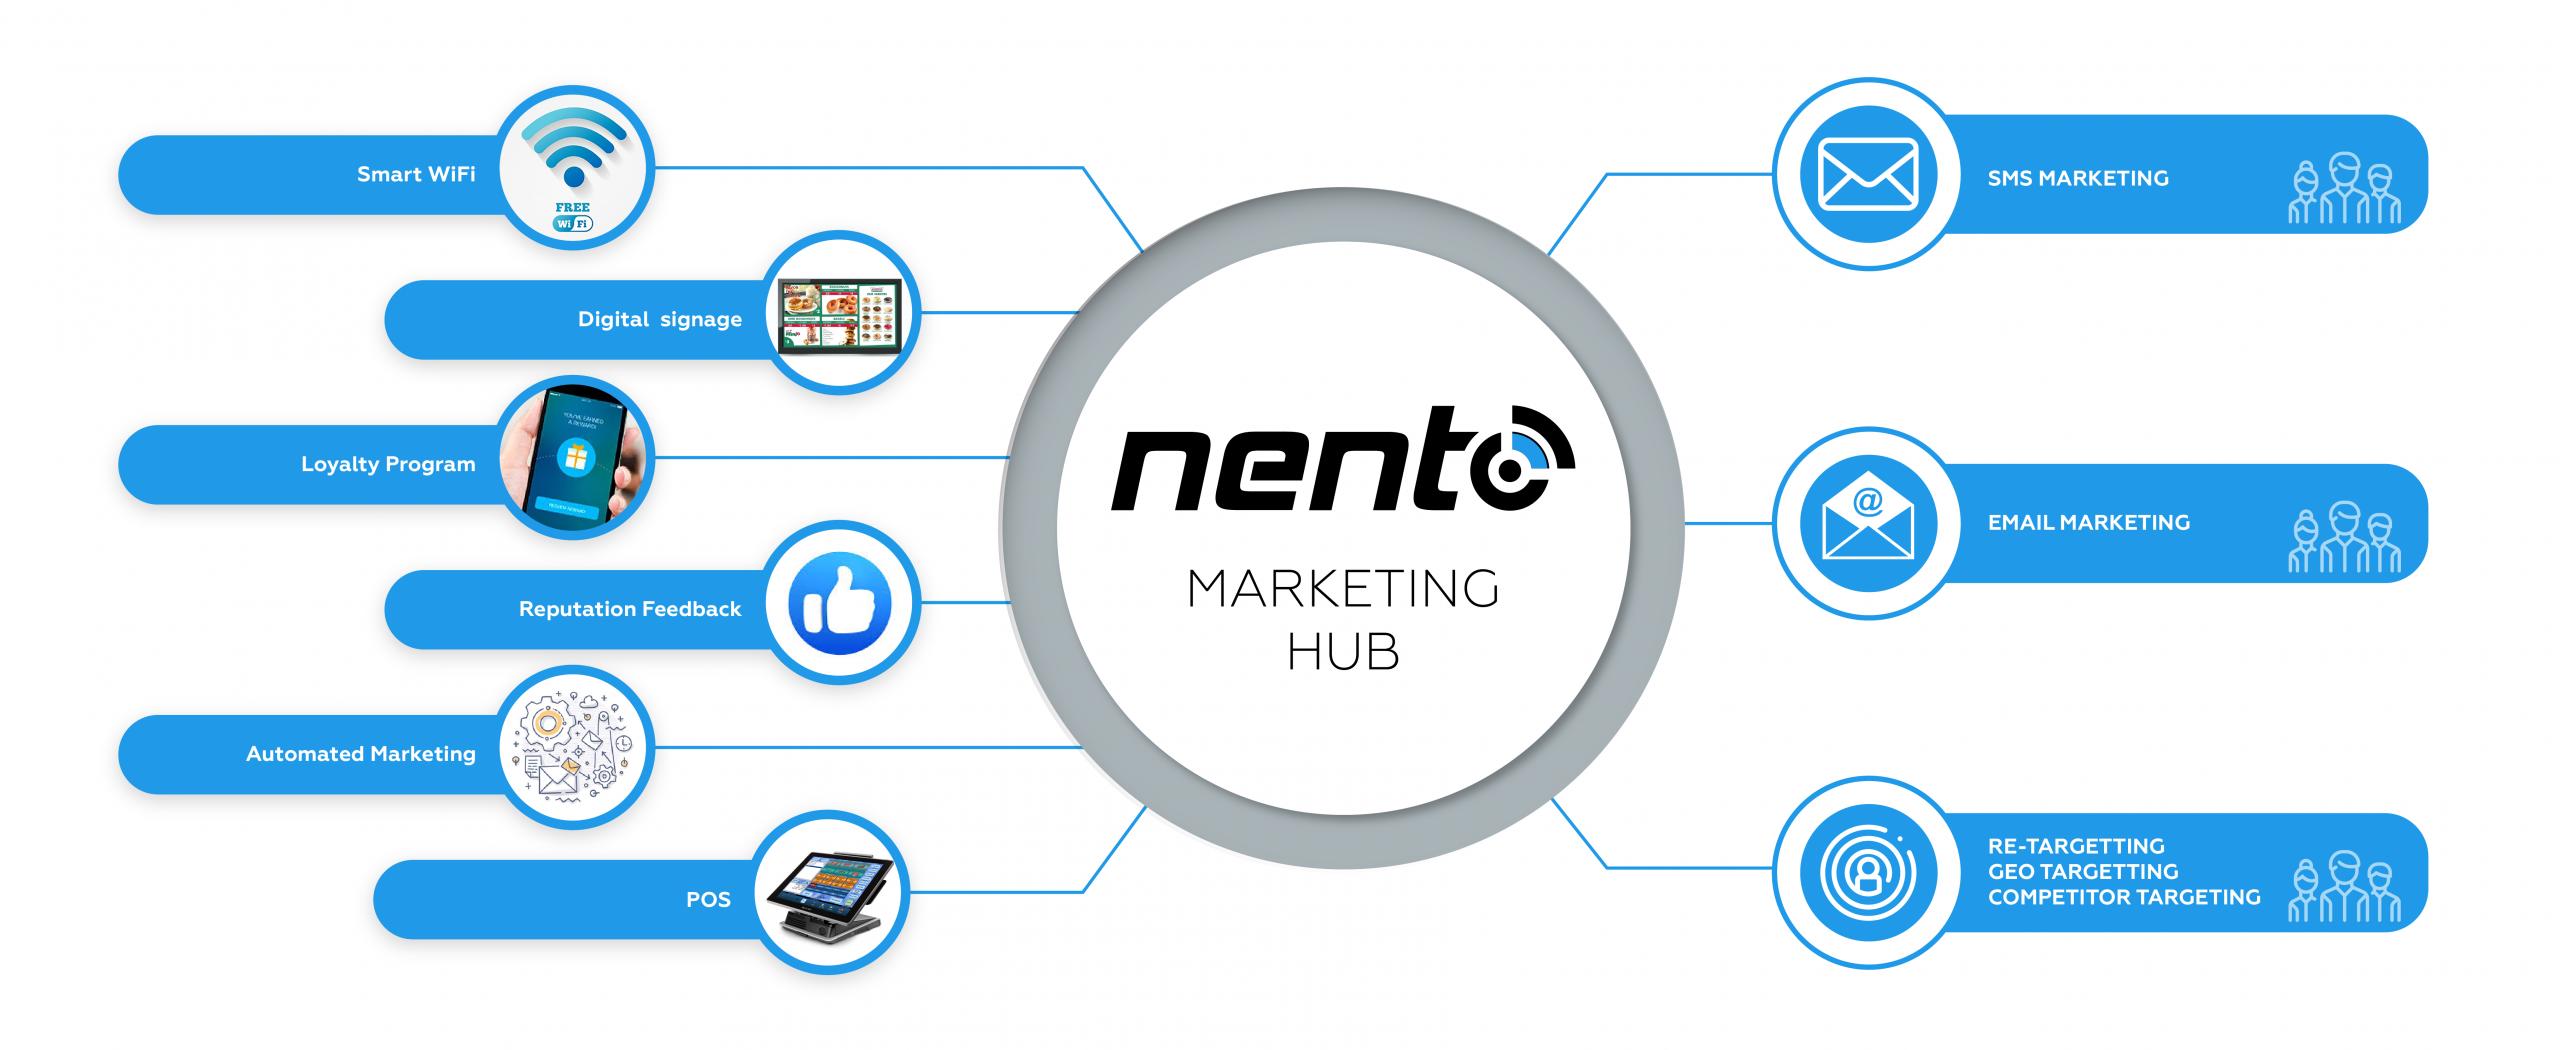 Nento Marketing Hub System